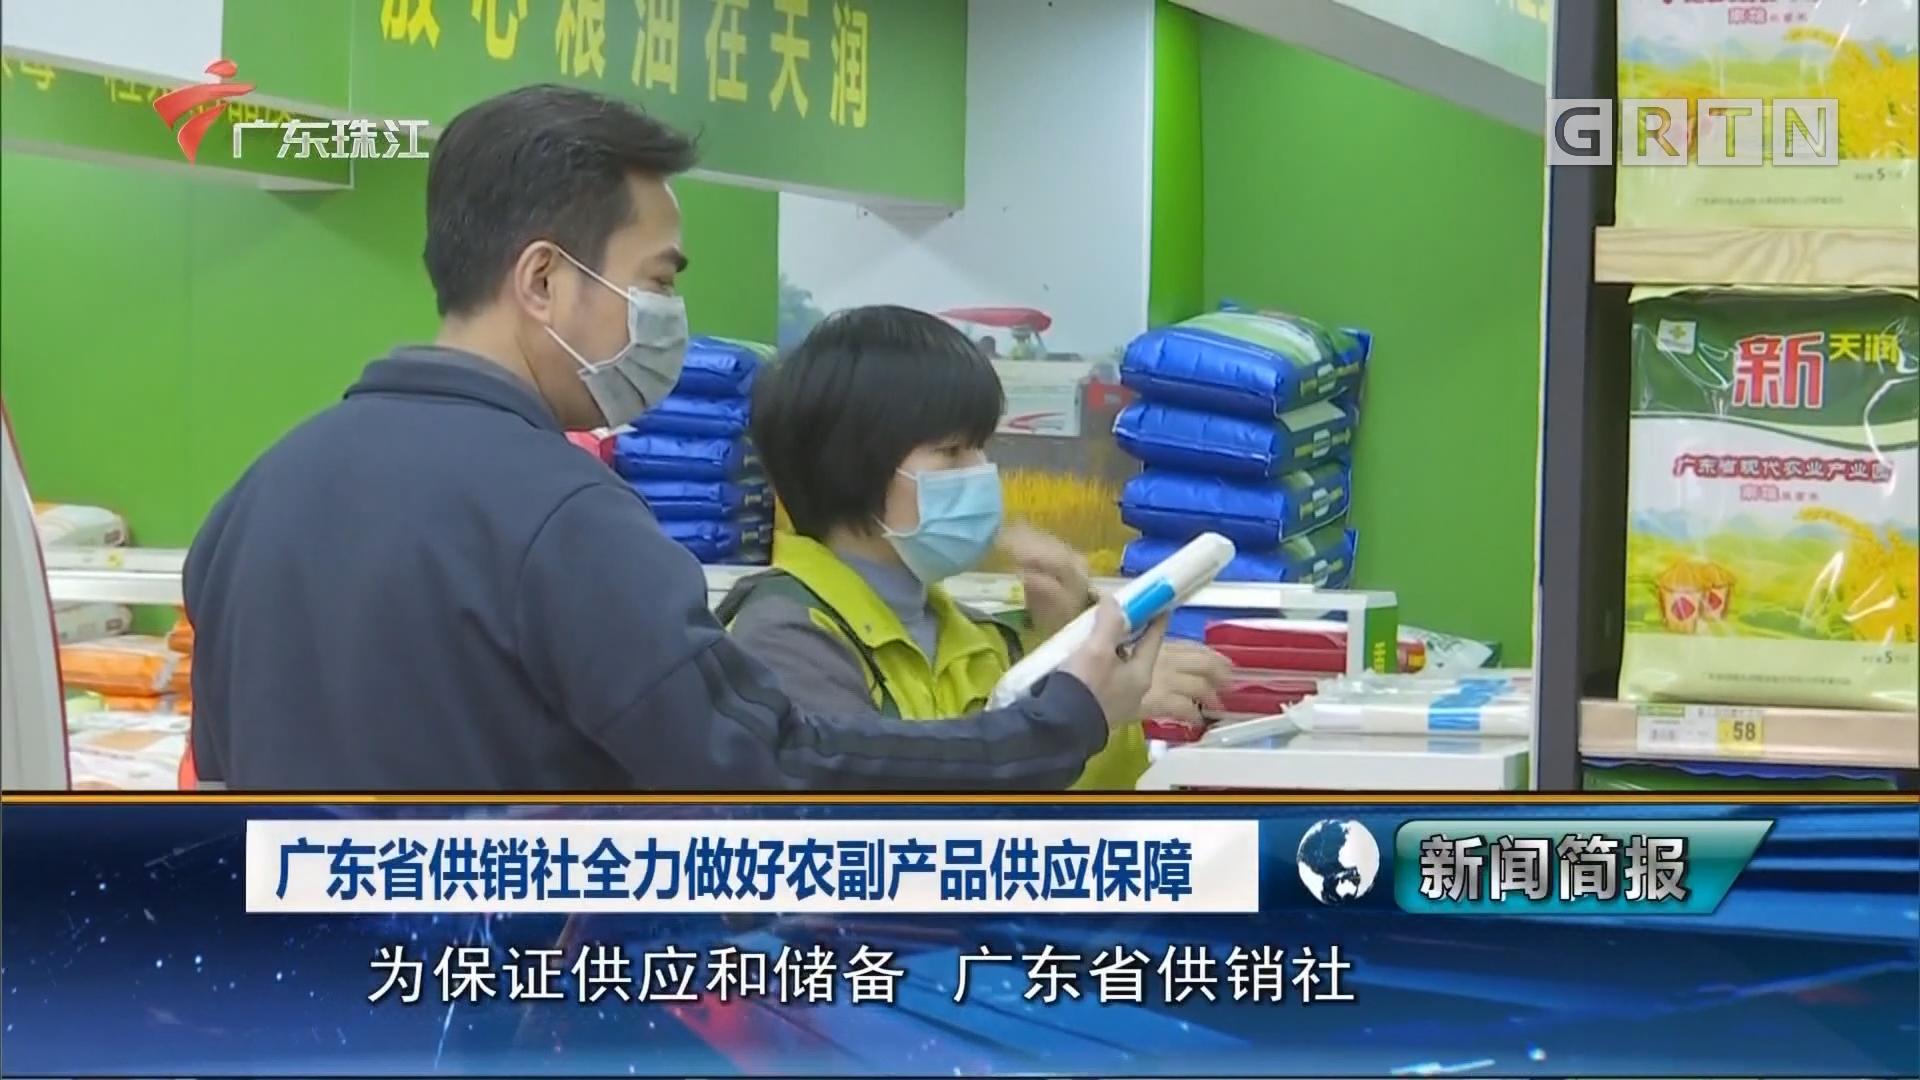 广东省供销社全力做好农副产品供应保障